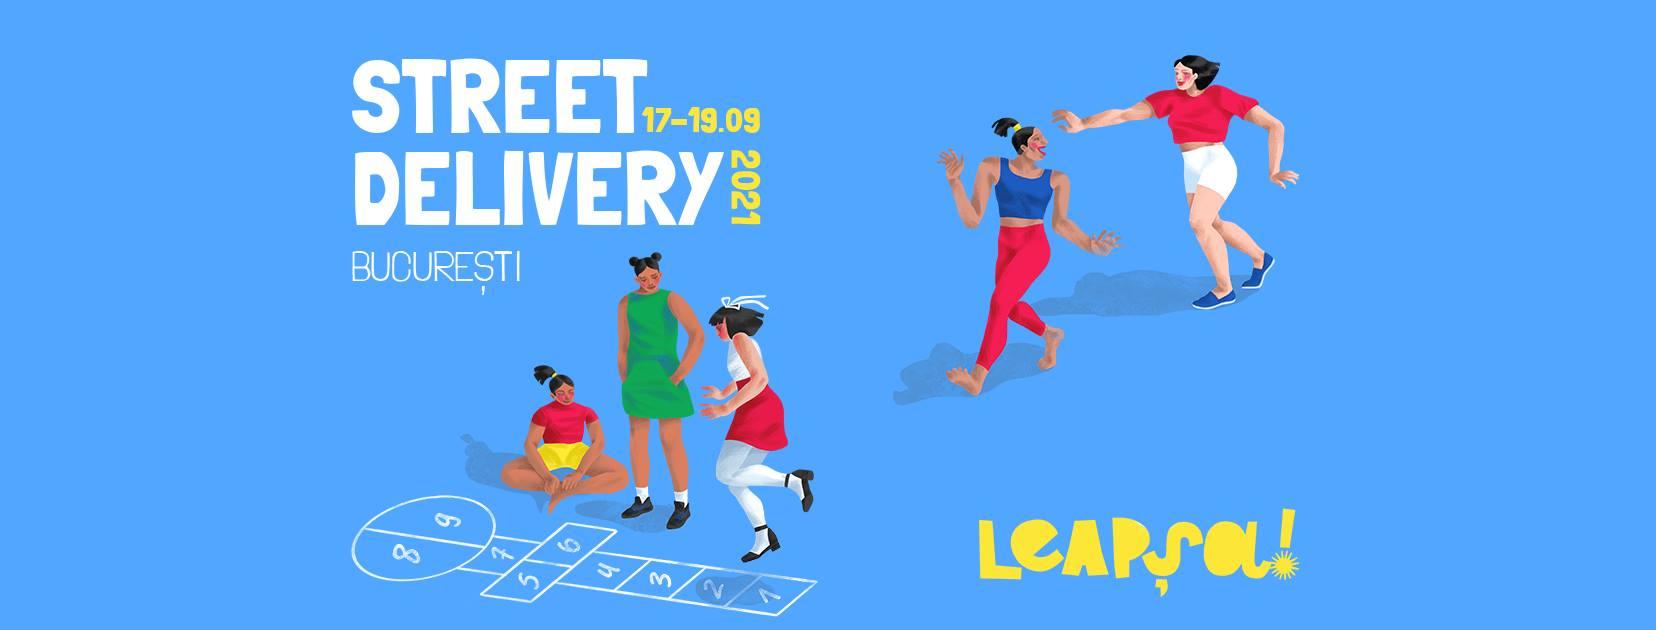 """Street Delivery capătă o altă formă în 2021, la a 16-a ediție din București, cu tema """"Leapșa!"""""""